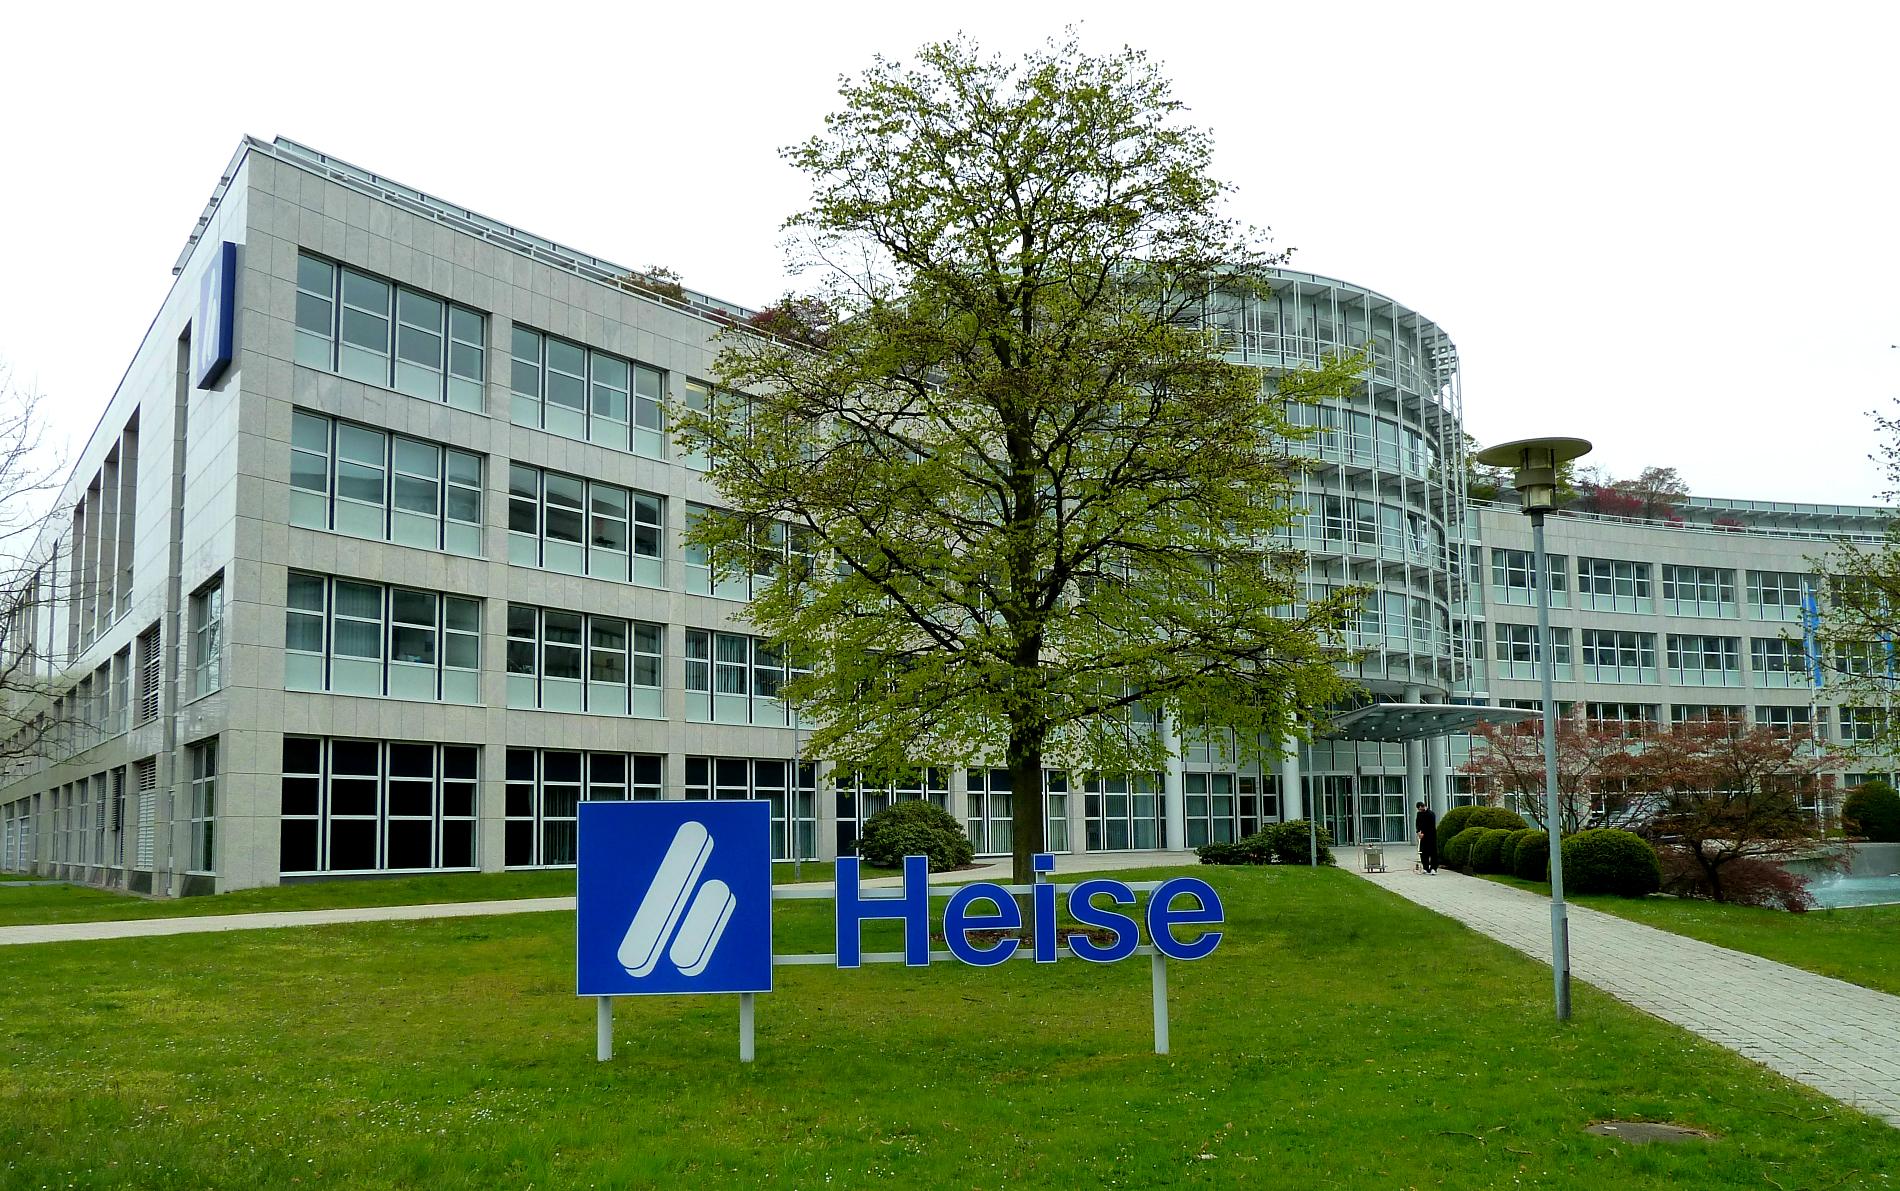 c't - Heise Headquarter